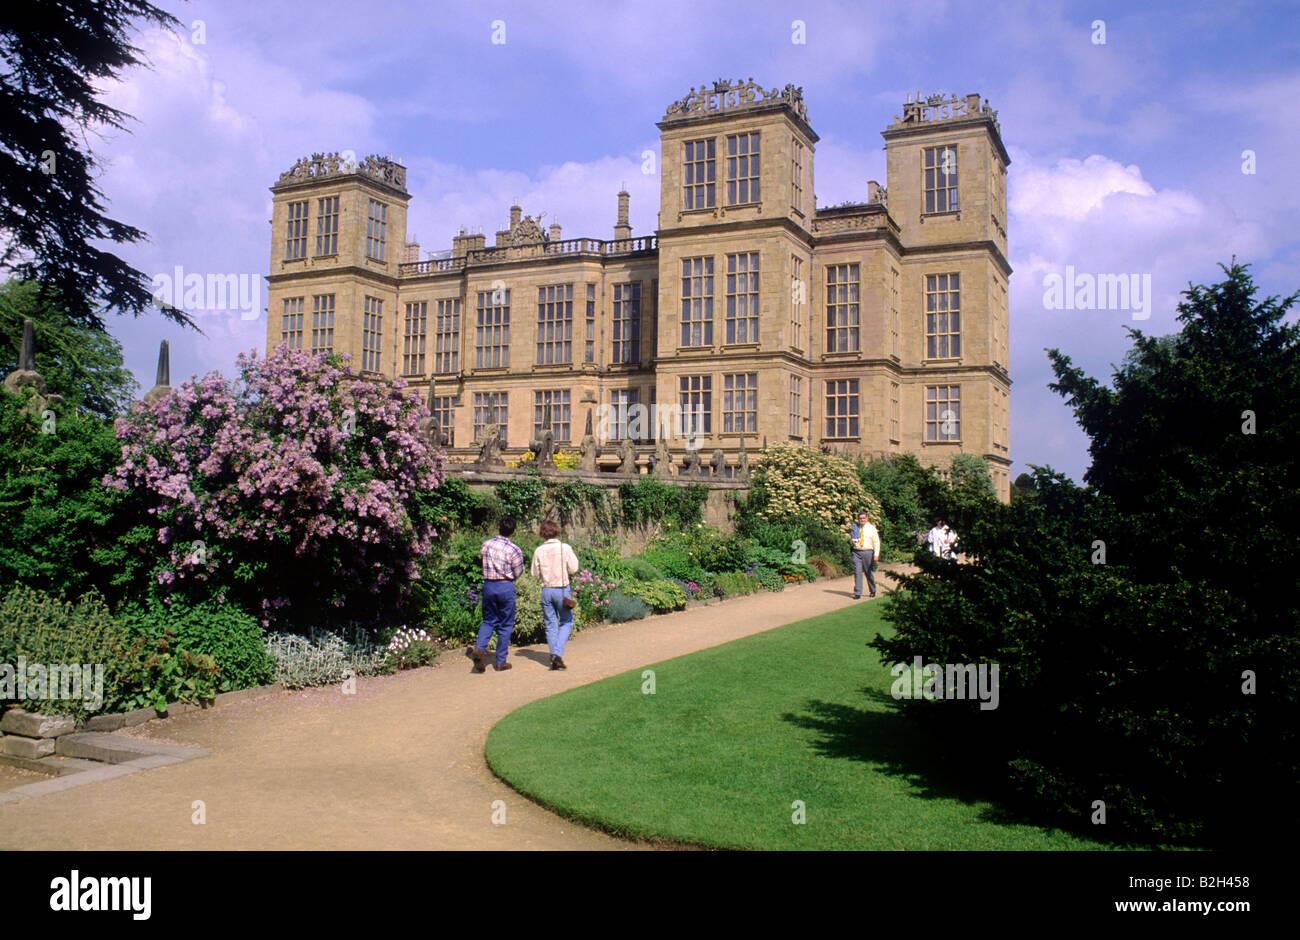 Hardwick Hall Visitors Derbyshire Elizabethan Mansion Tudor 16th Century English Architecture Stately Home Garden England Uk